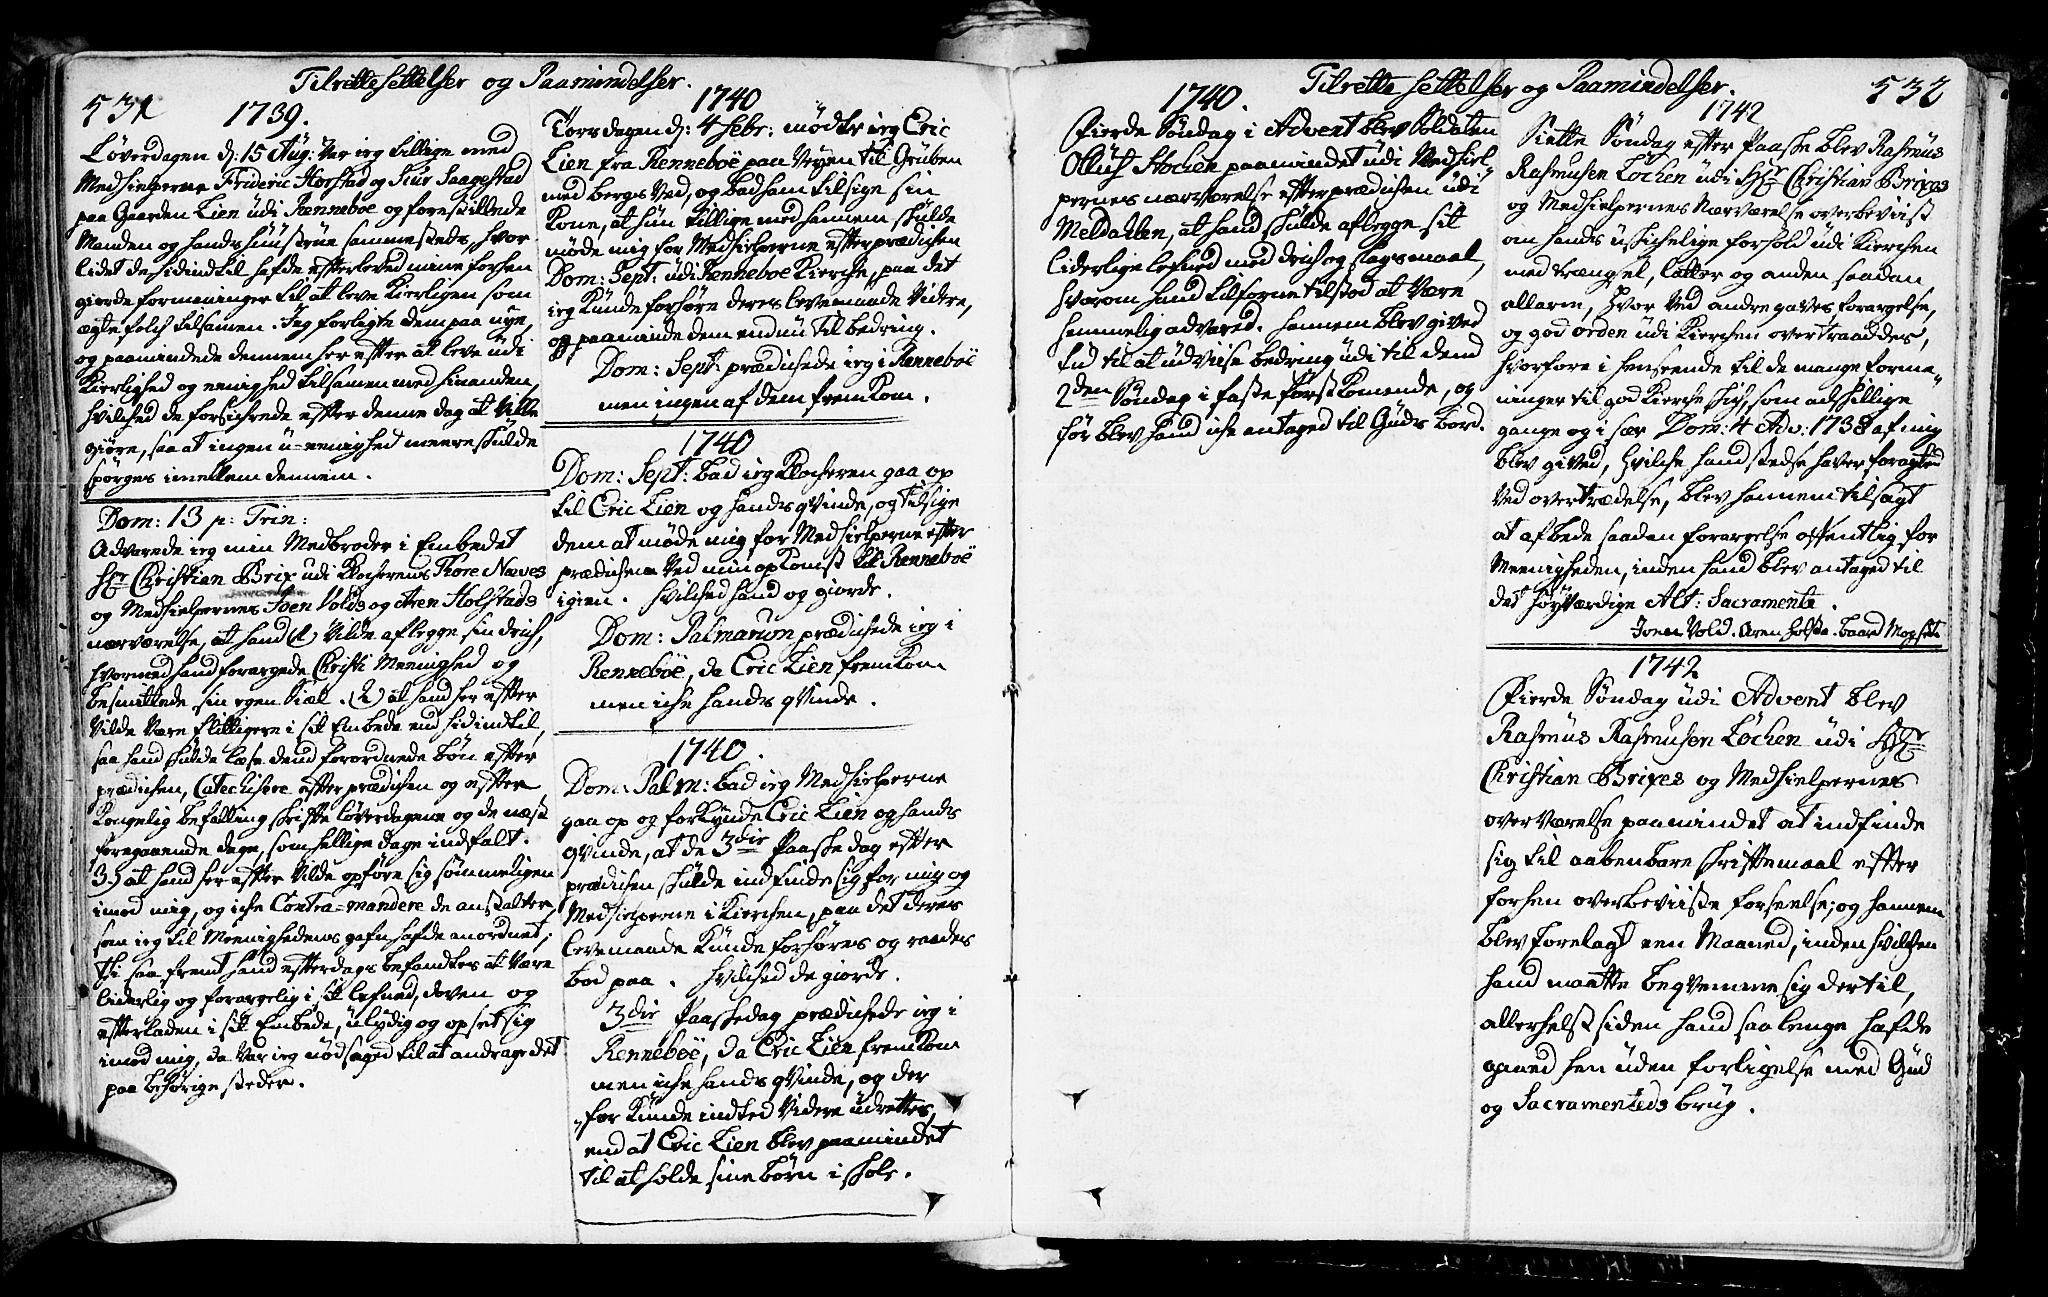 SAT, Ministerialprotokoller, klokkerbøker og fødselsregistre - Sør-Trøndelag, 672/L0850: Ministerialbok nr. 672A03, 1725-1751, s. 531-532